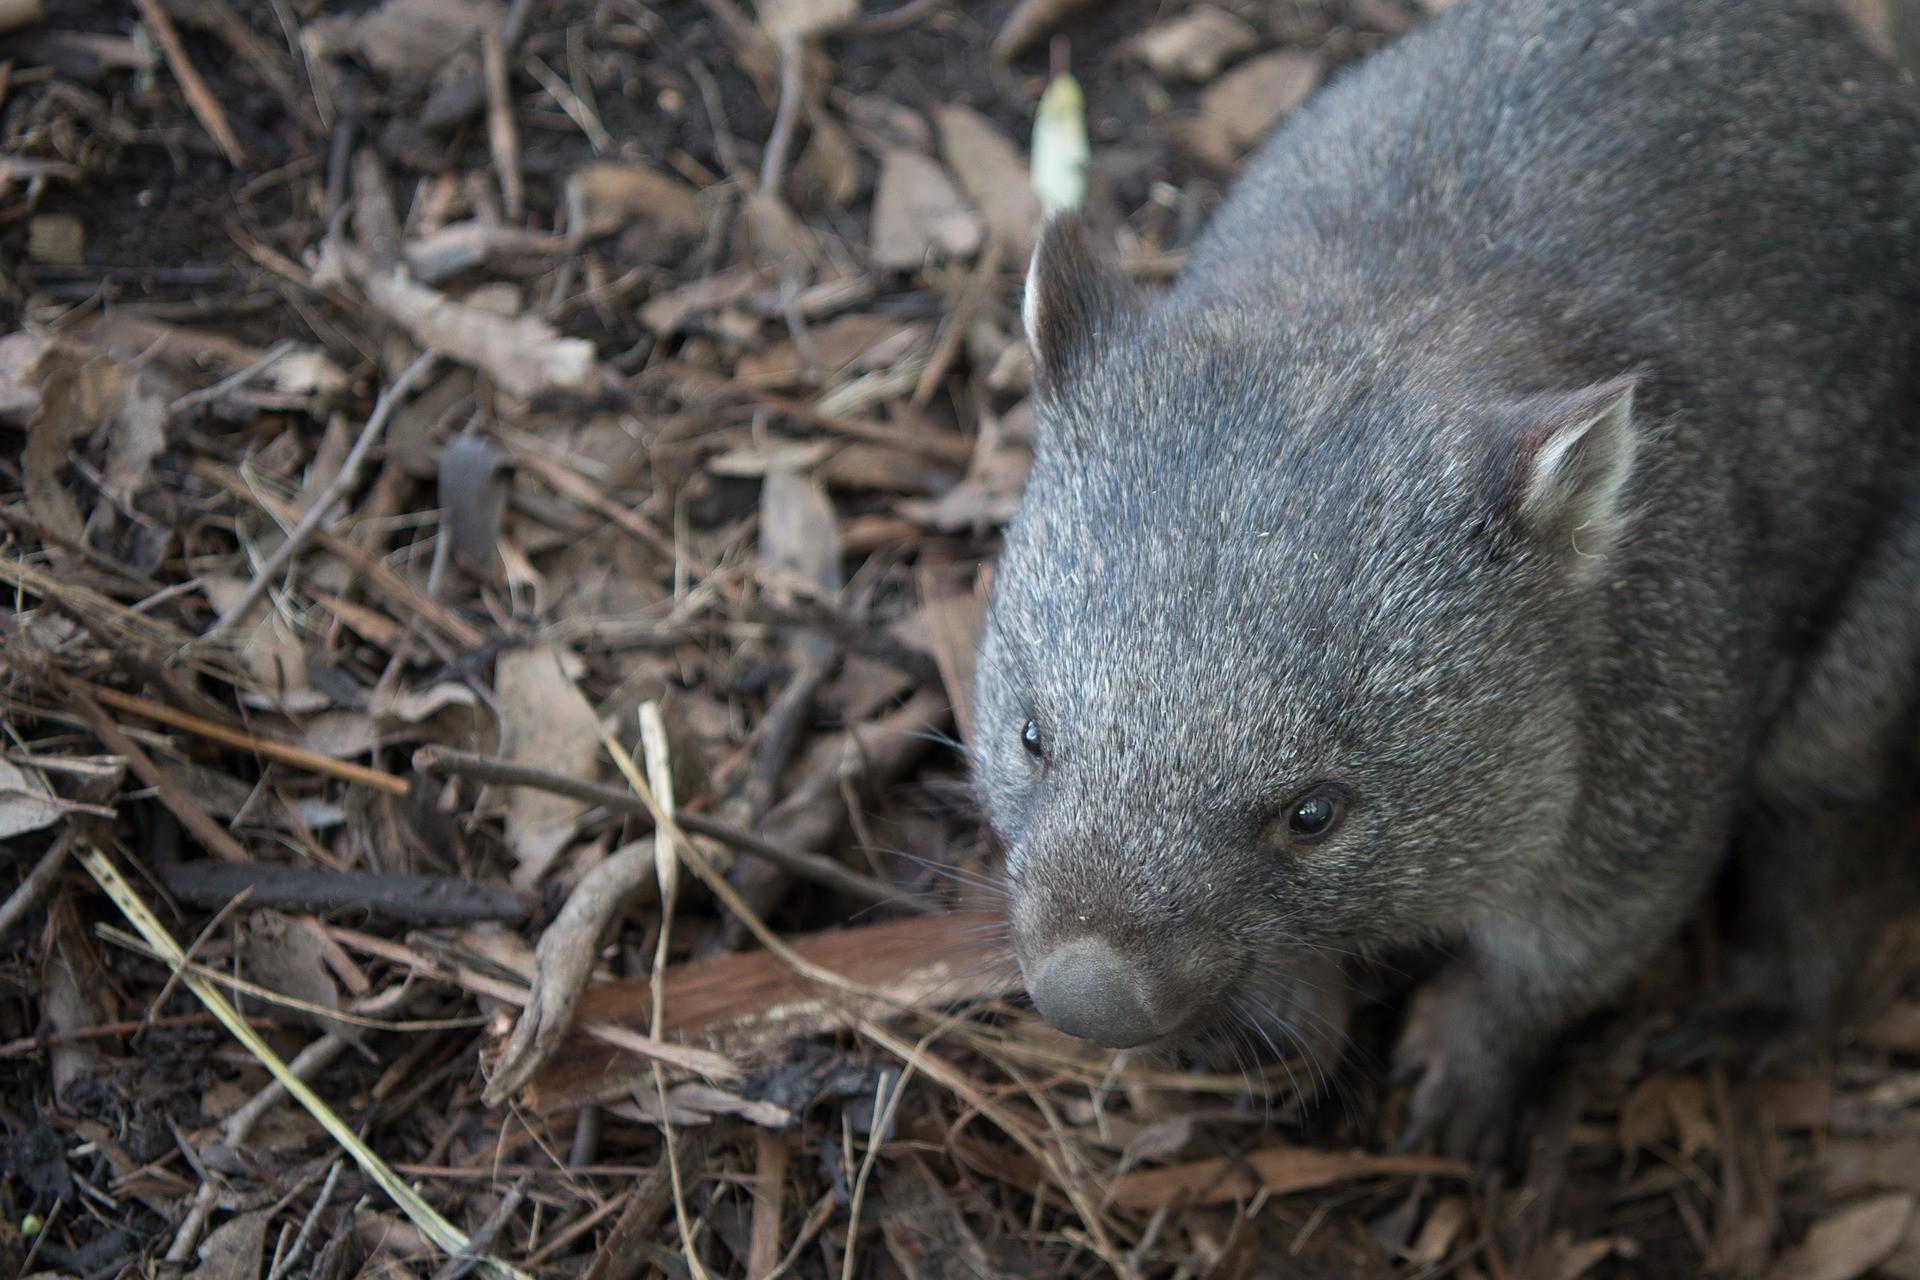 wombat, kwadratowa kupa, torbacz, australijskie zwierzęta, blog o dzikich zwierzętach, animalistka.pl